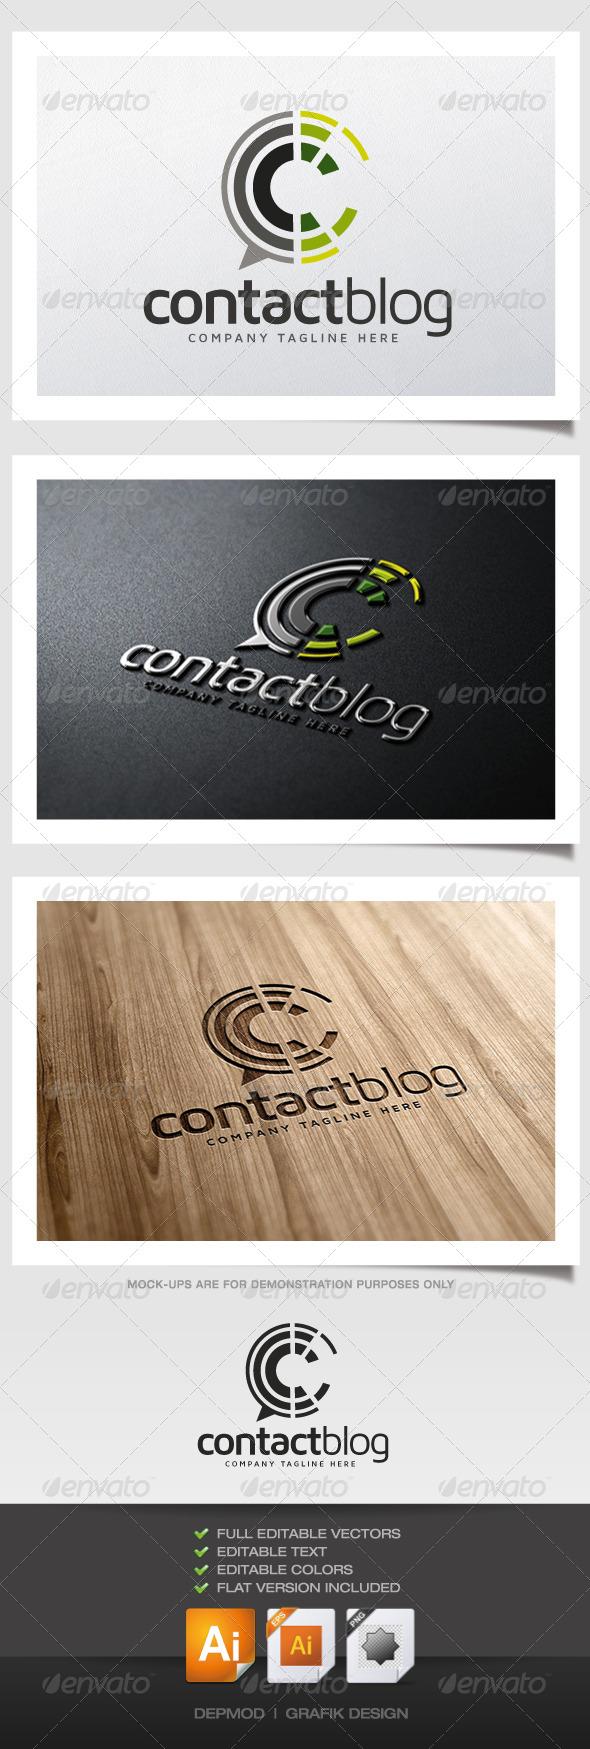 GraphicRiver Contact Blog Logo 5345576